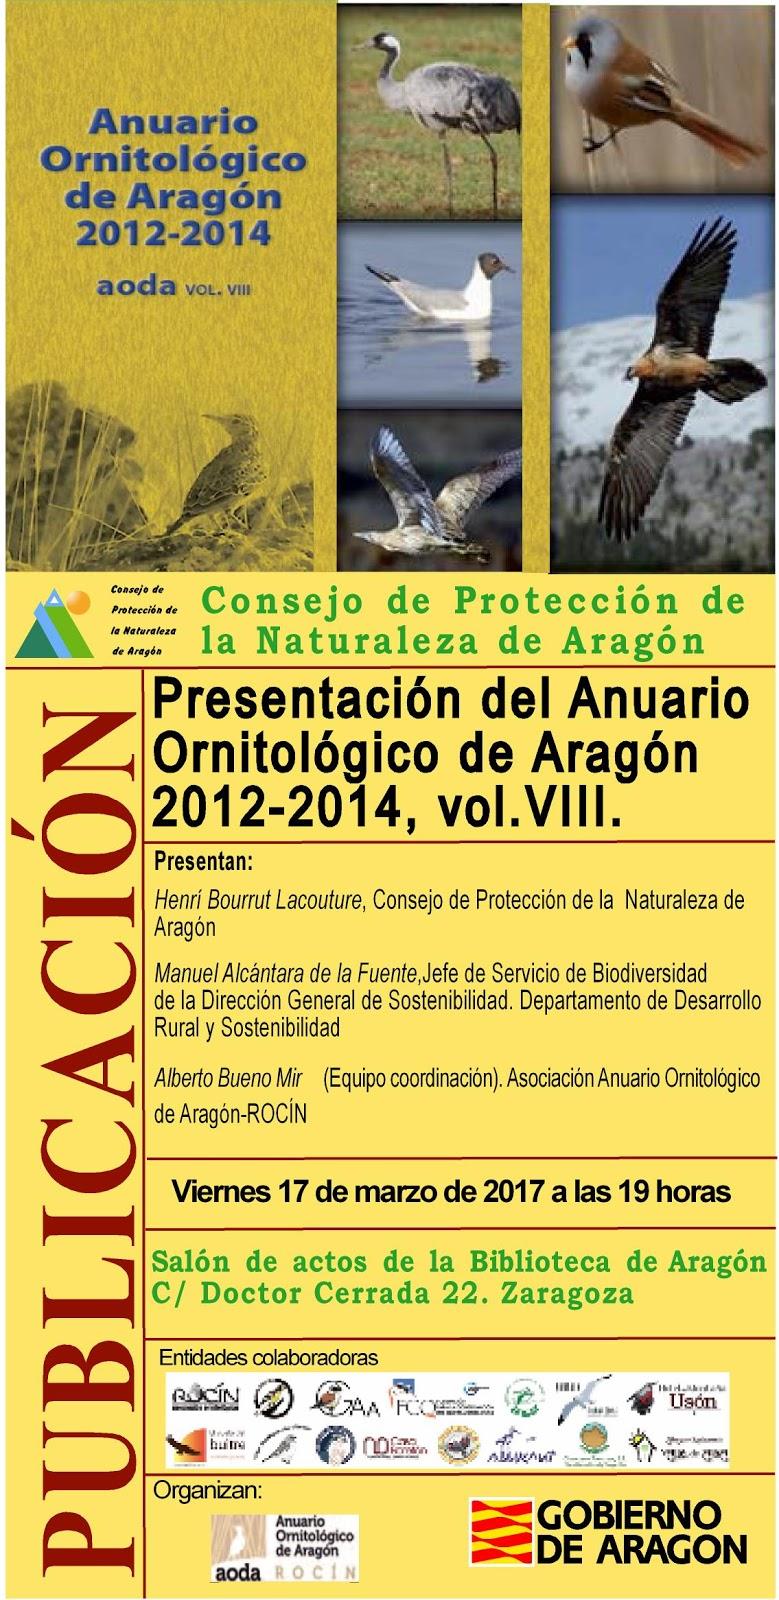 Anuario Ornitológico de Aragón-AODA: febrero 2017